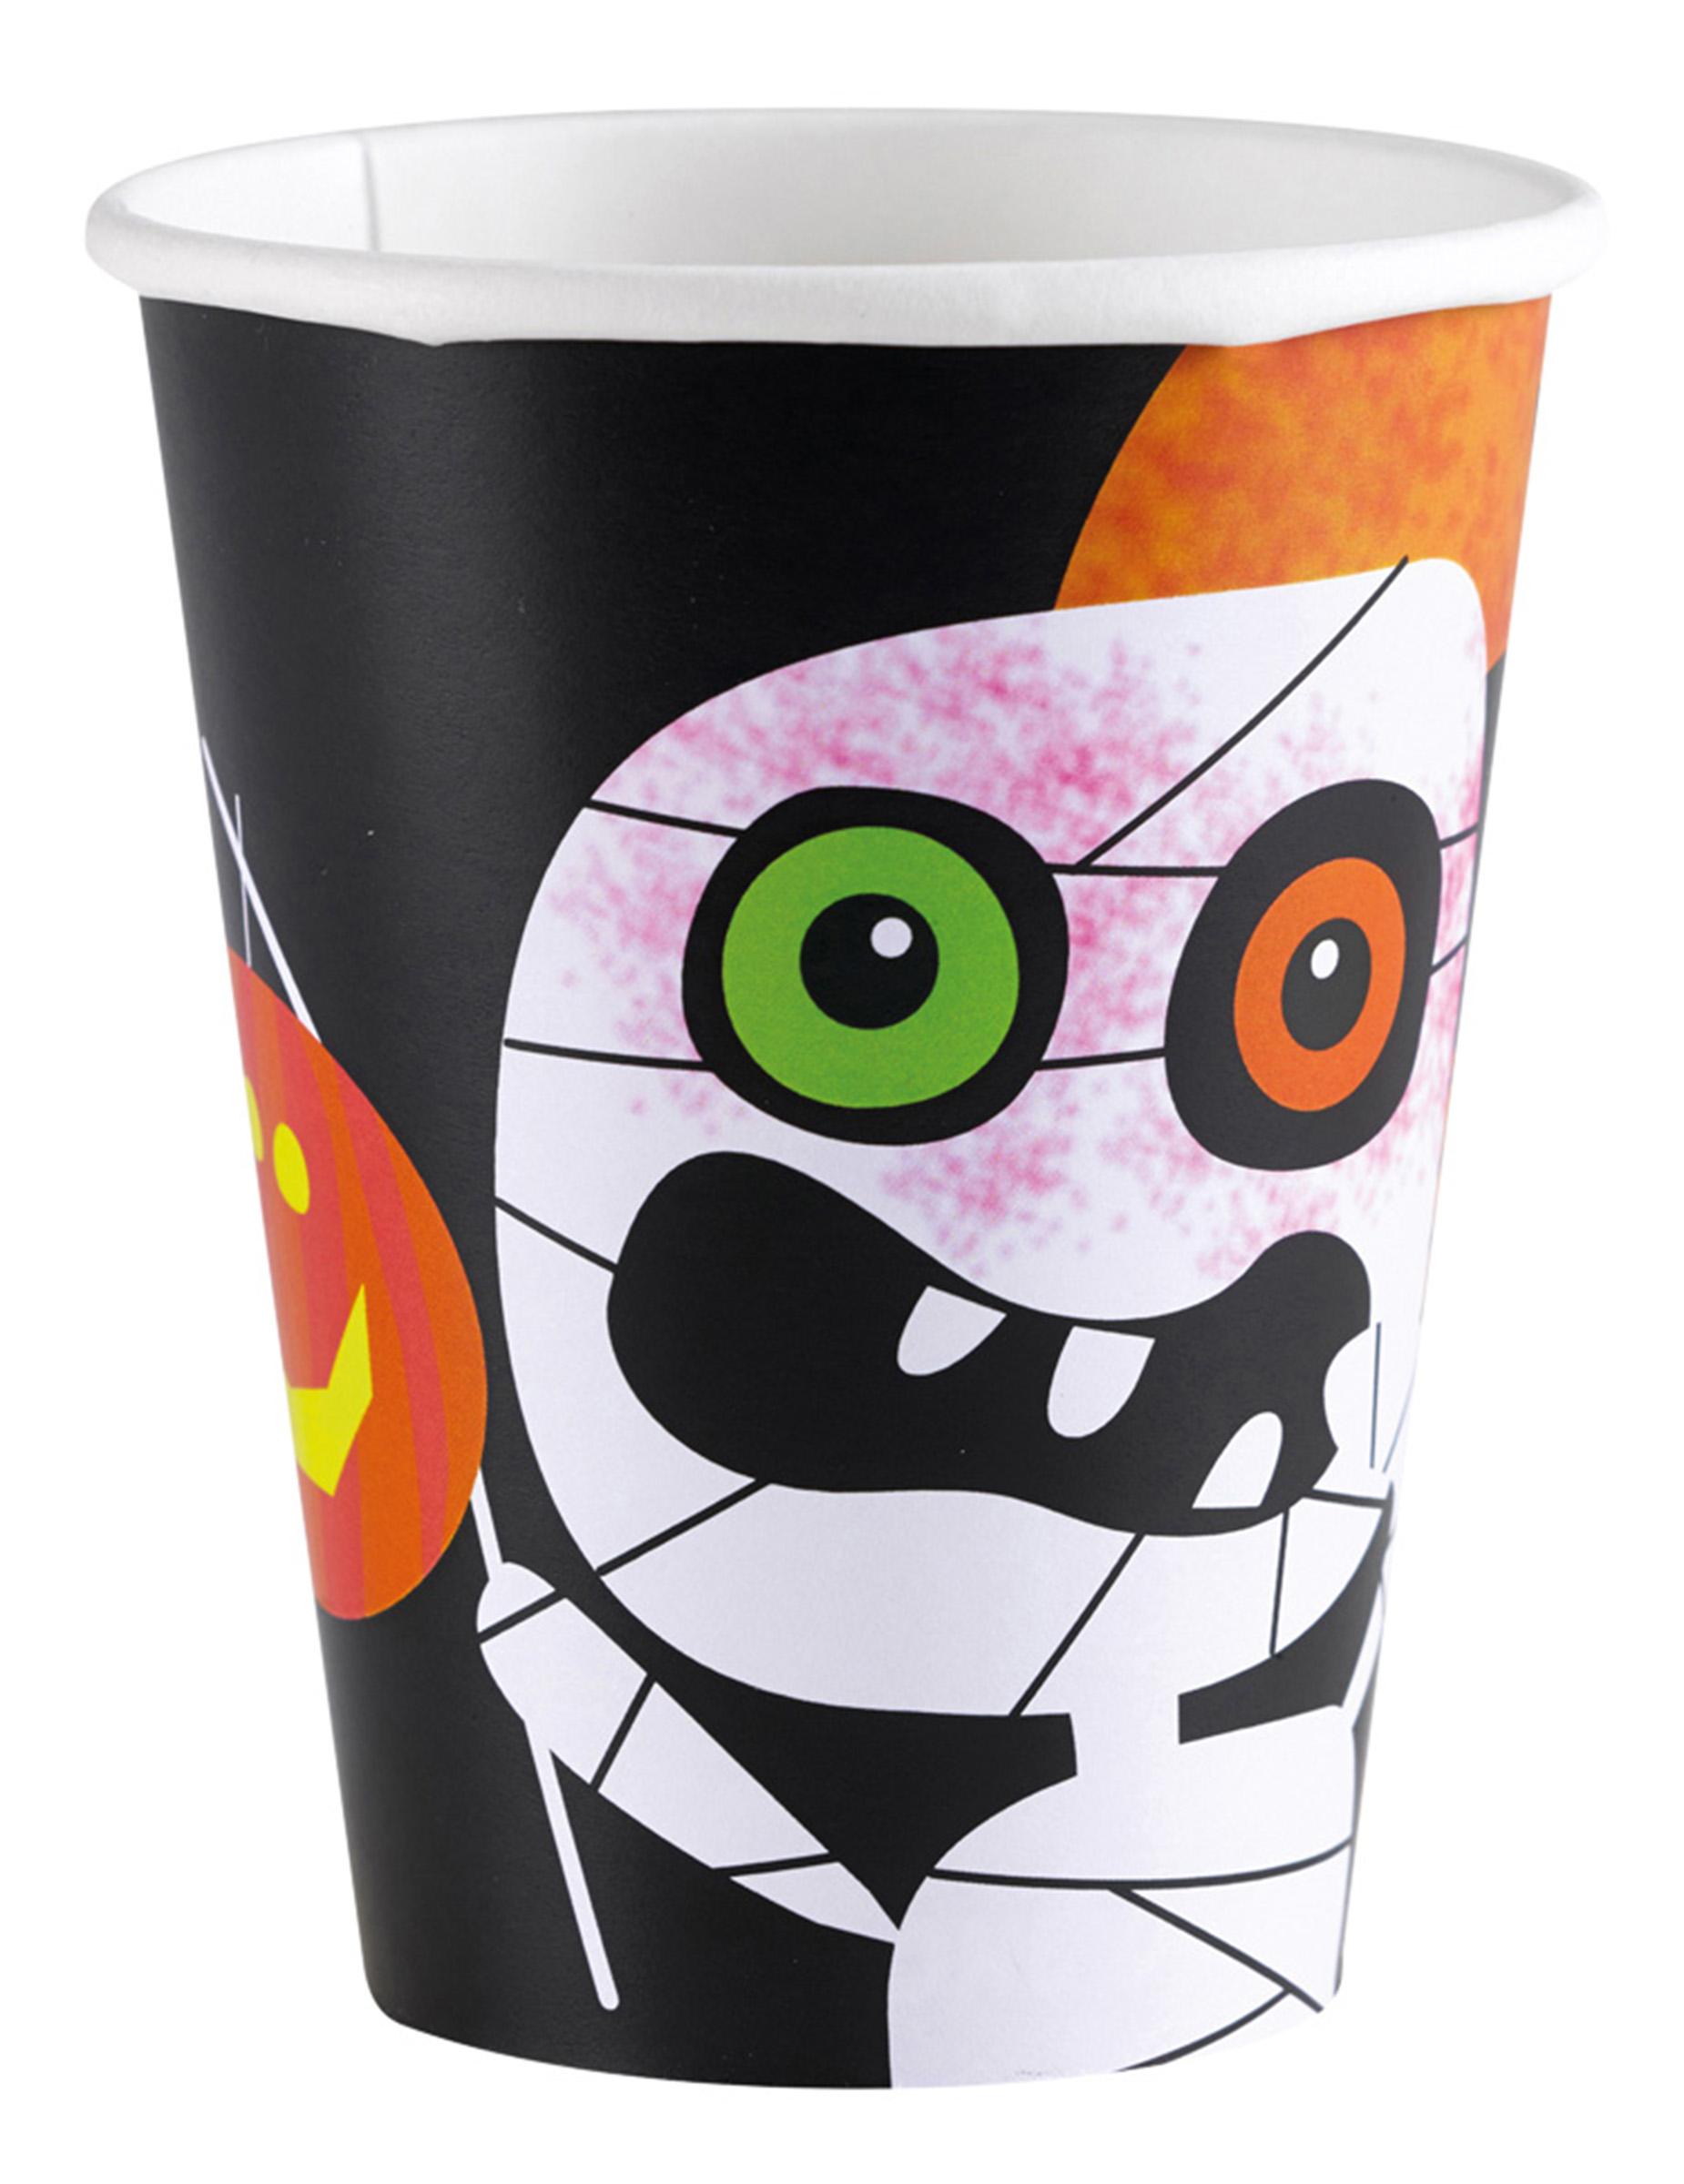 Halloween Pappbecher Grusel Deko Fur Kinder 8 Stuck Bunt 266ml Gunstige Halloween Partydeko Bei Horrorklinik